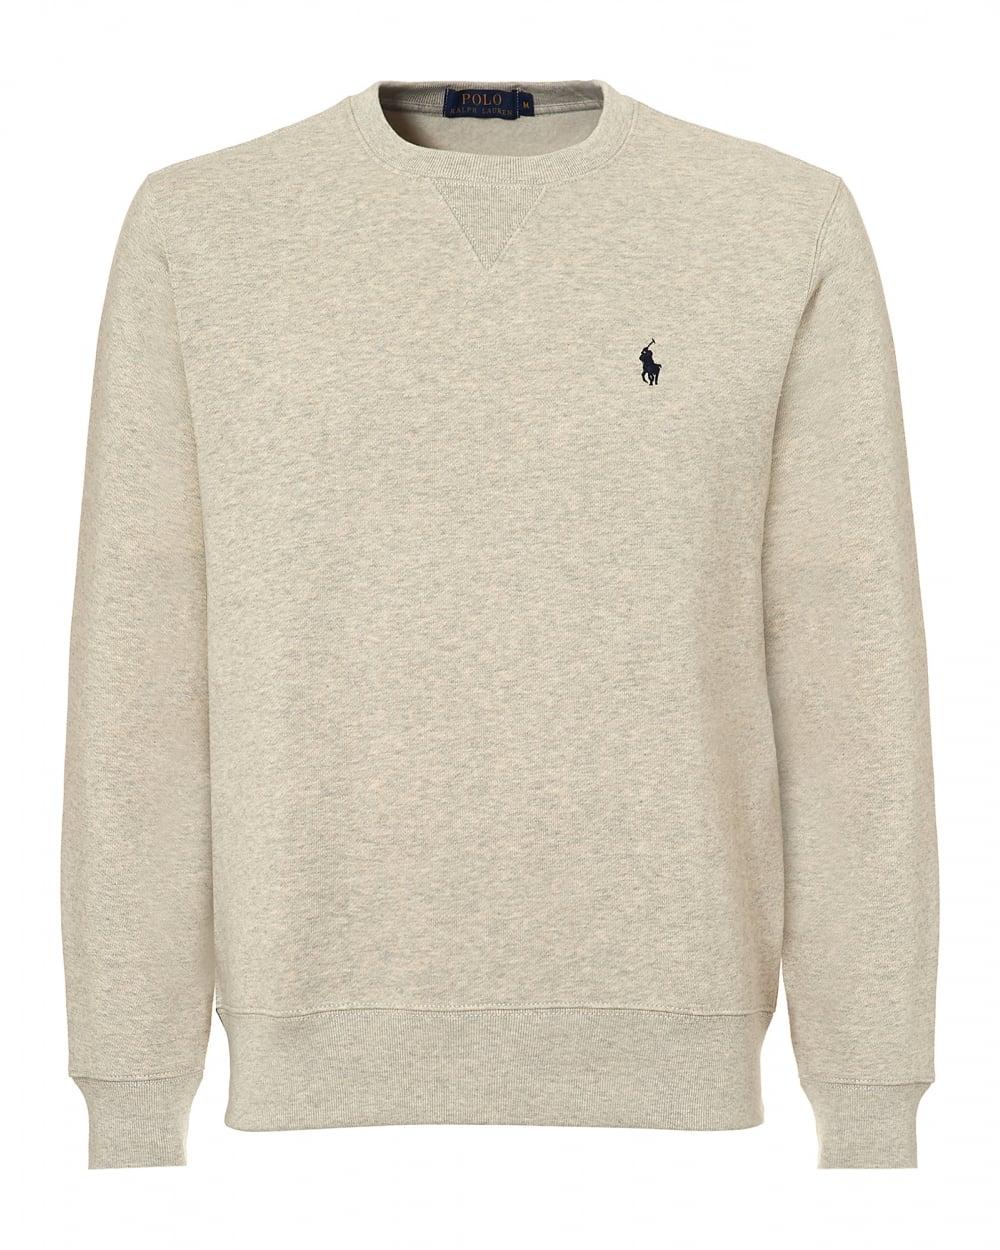 Ralph Lauren Mens Crew Neck Sweatshirt c34dbcae16b5